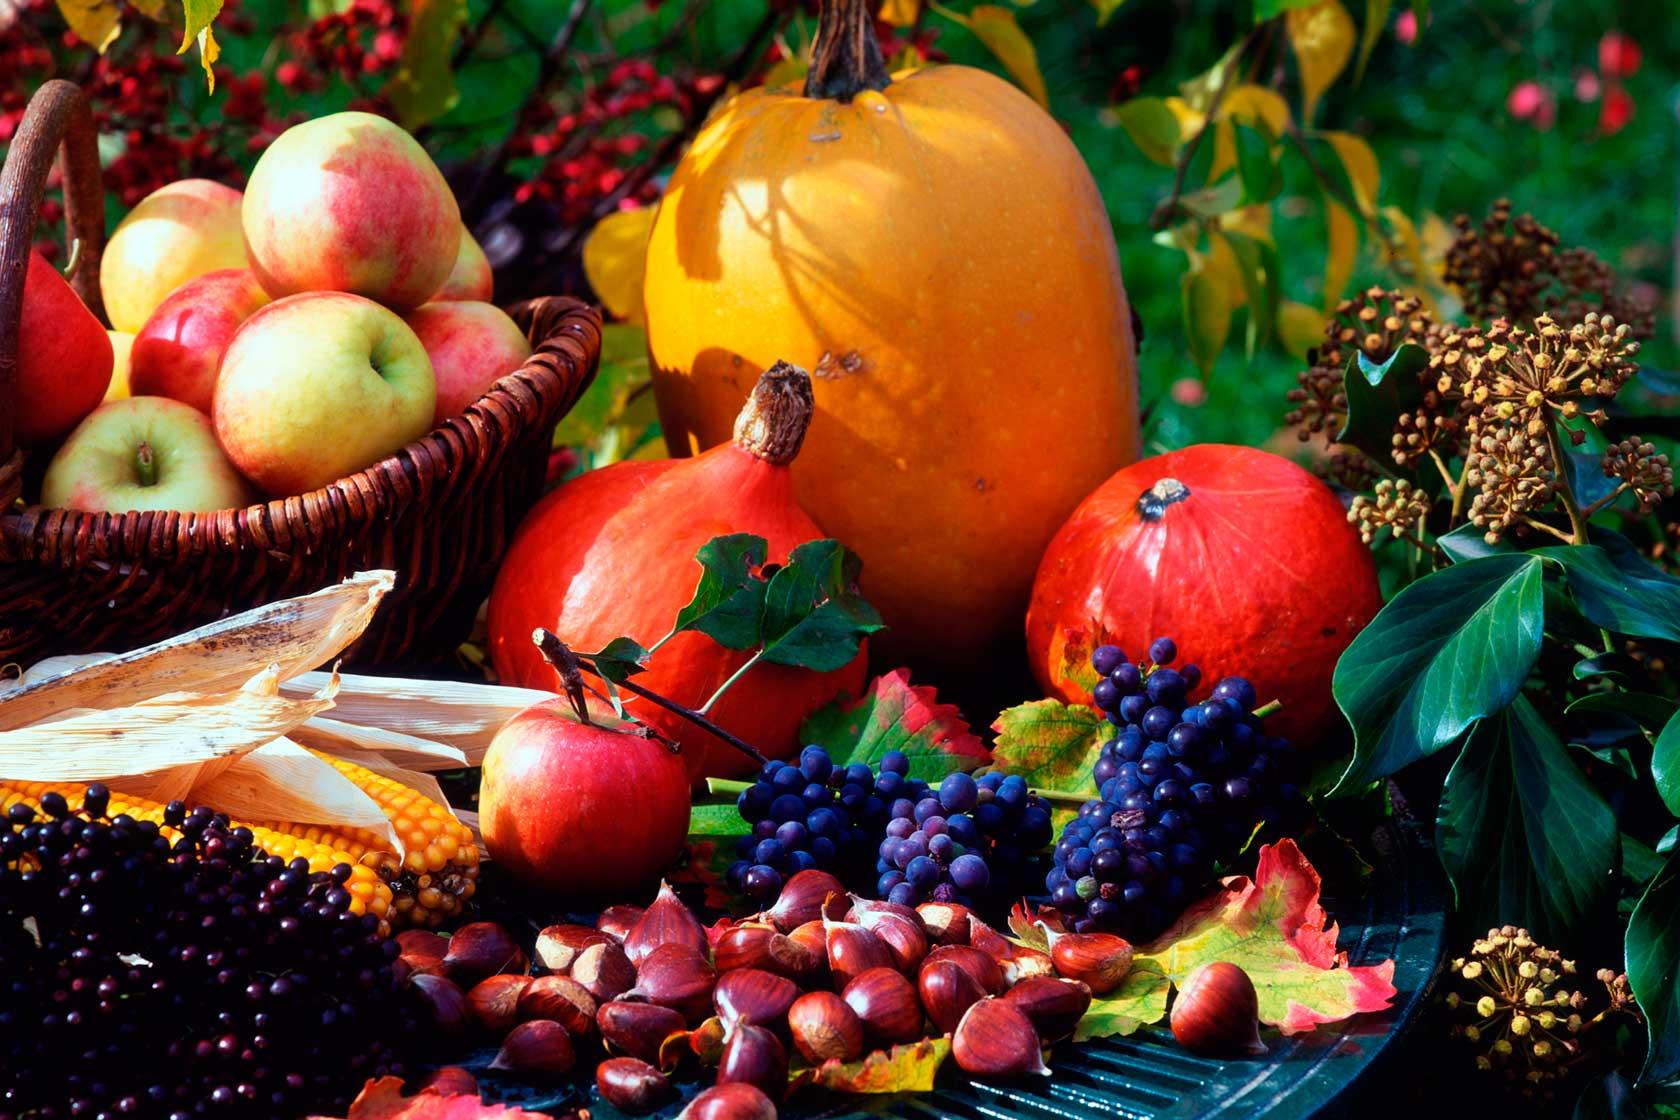 можем замечать, красивые картинки фрукты осень удача в всегда занимаете особое